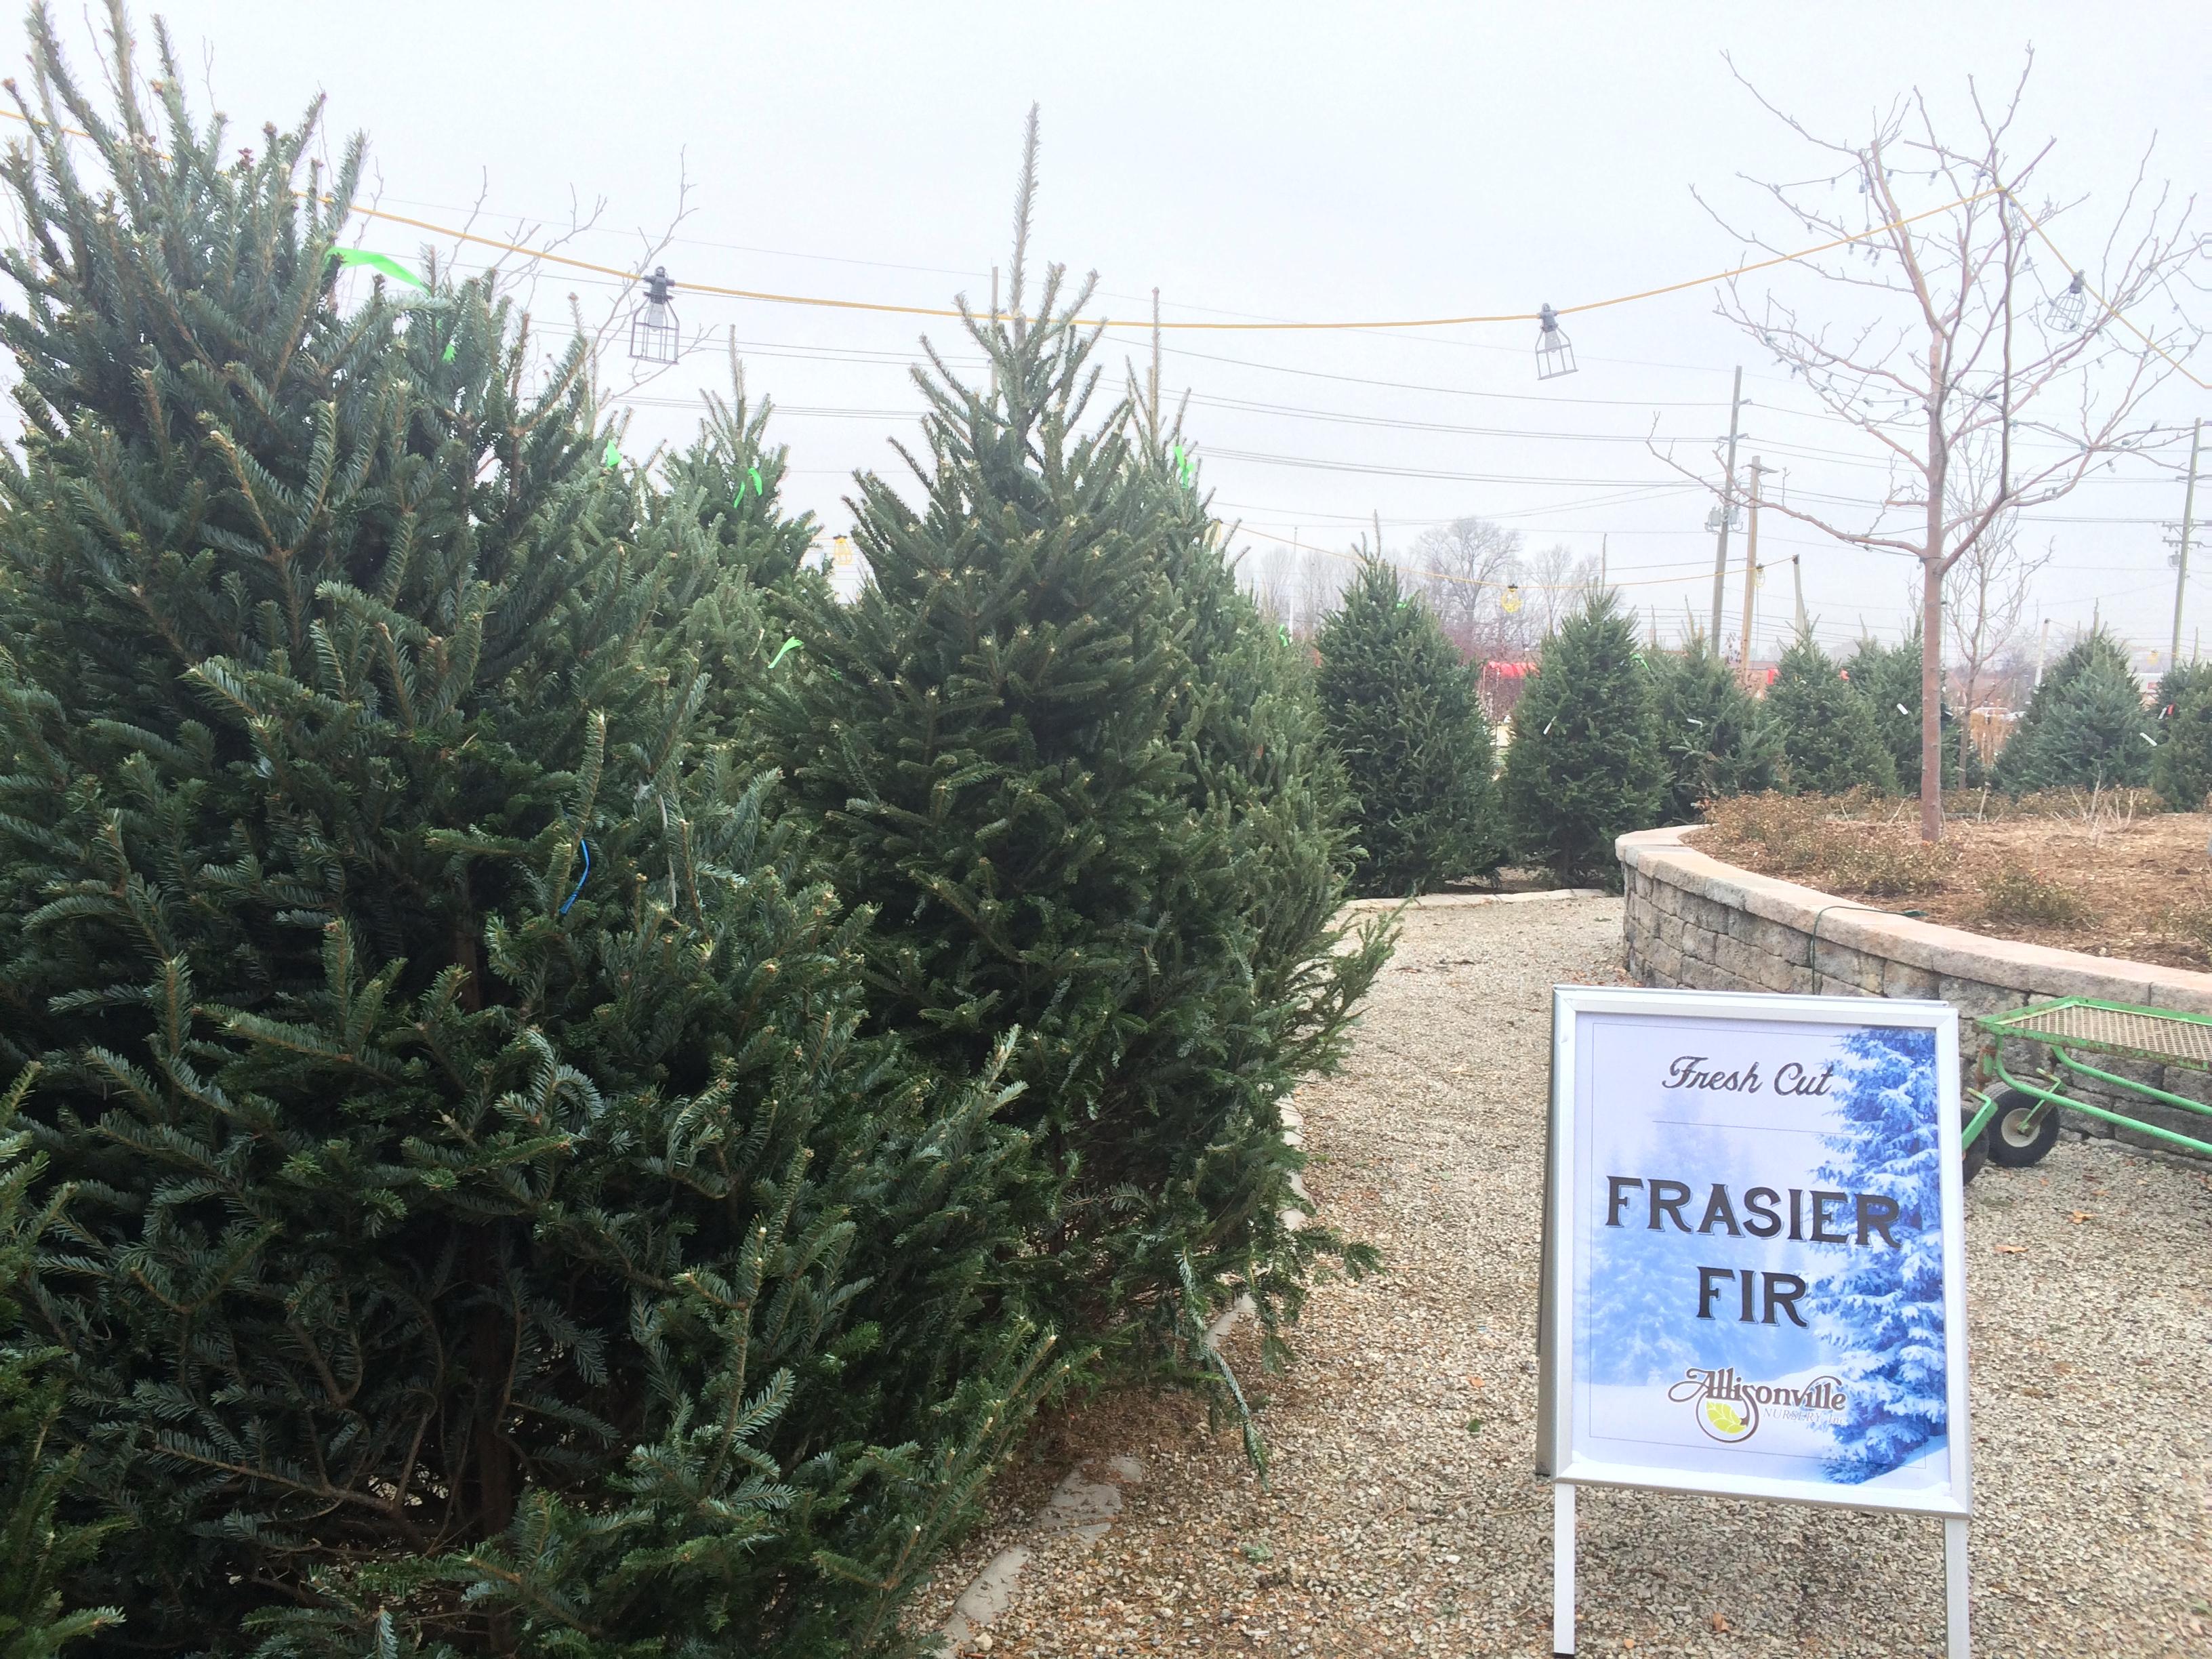 Fresh Cut Fraser Fir Trees